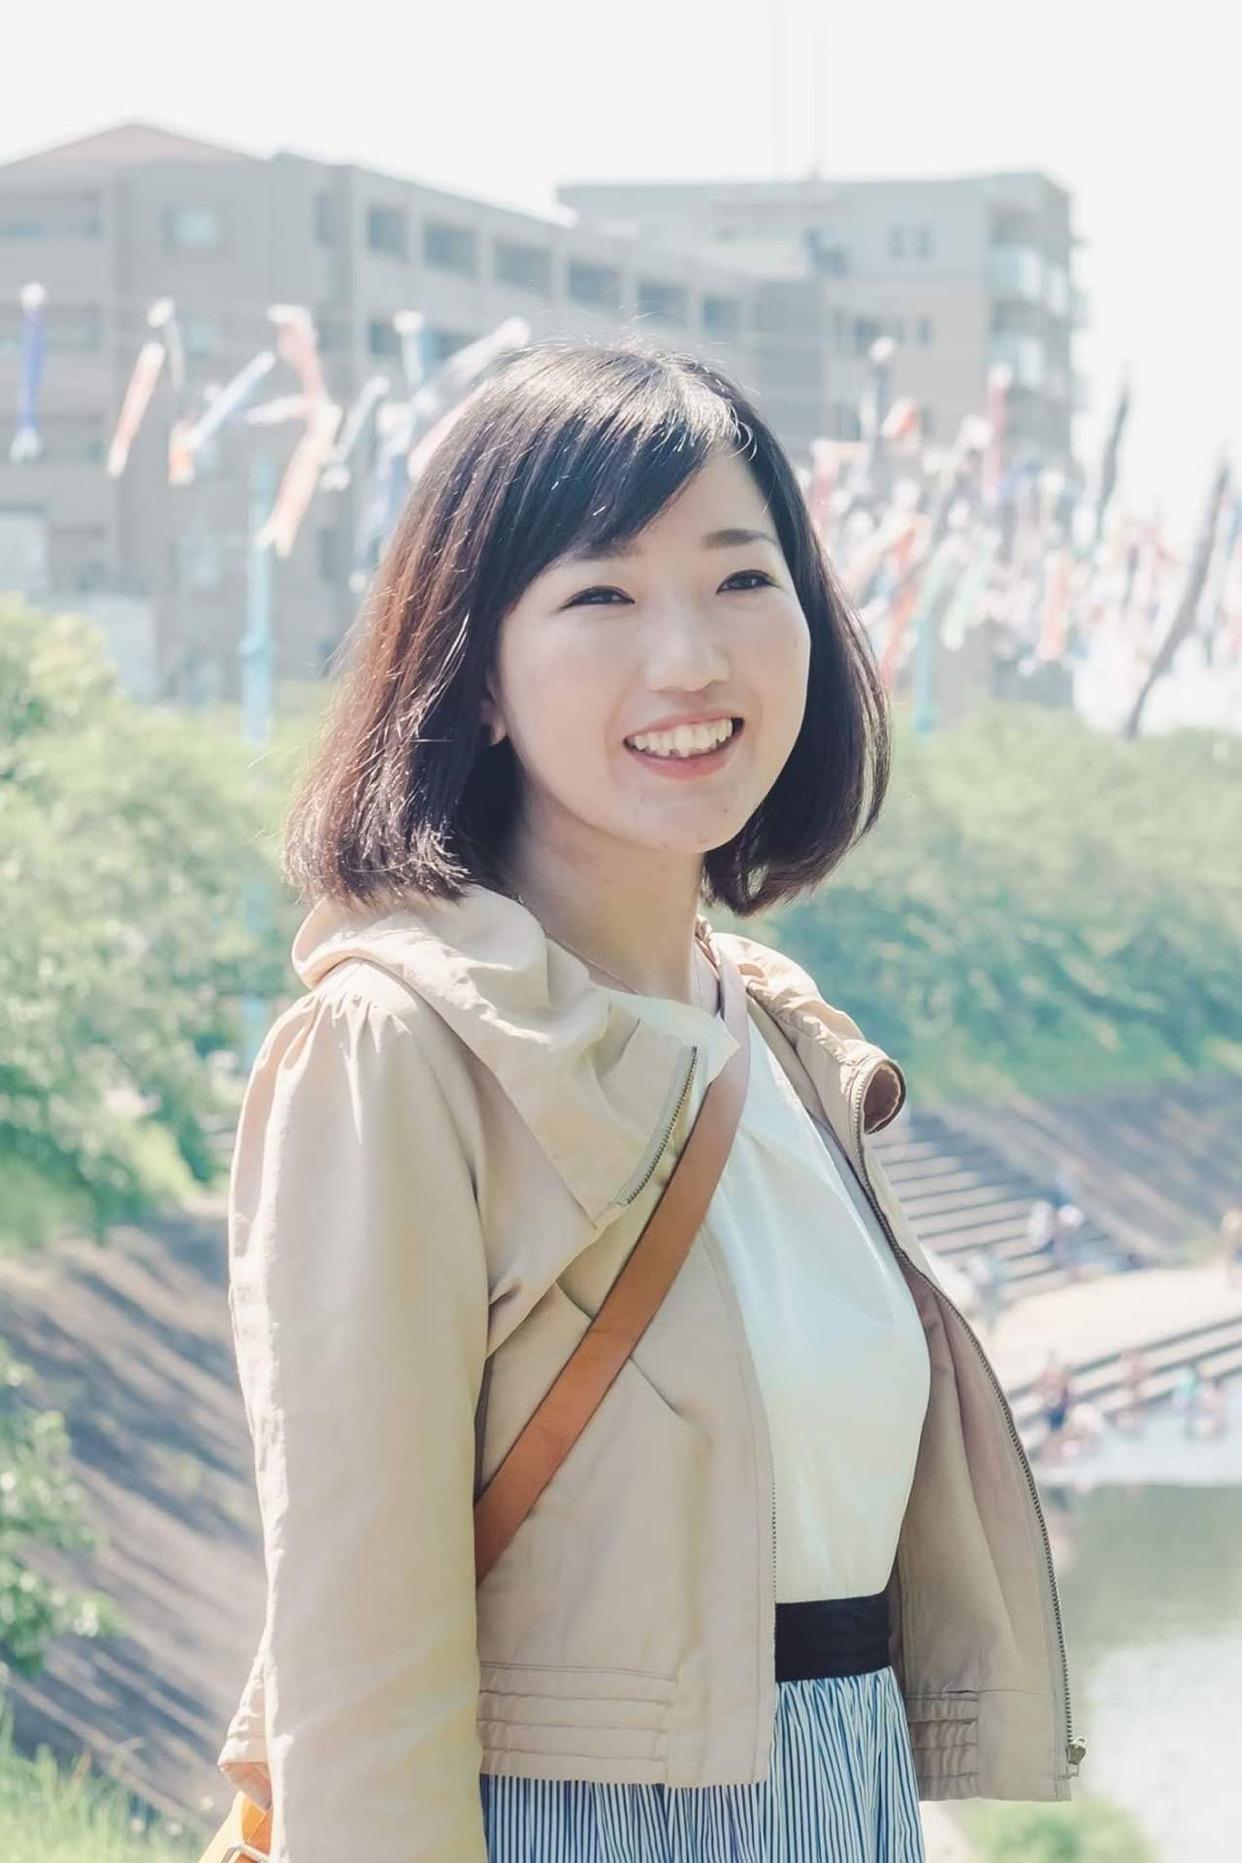 木村 響子(キムラ キョウコ)